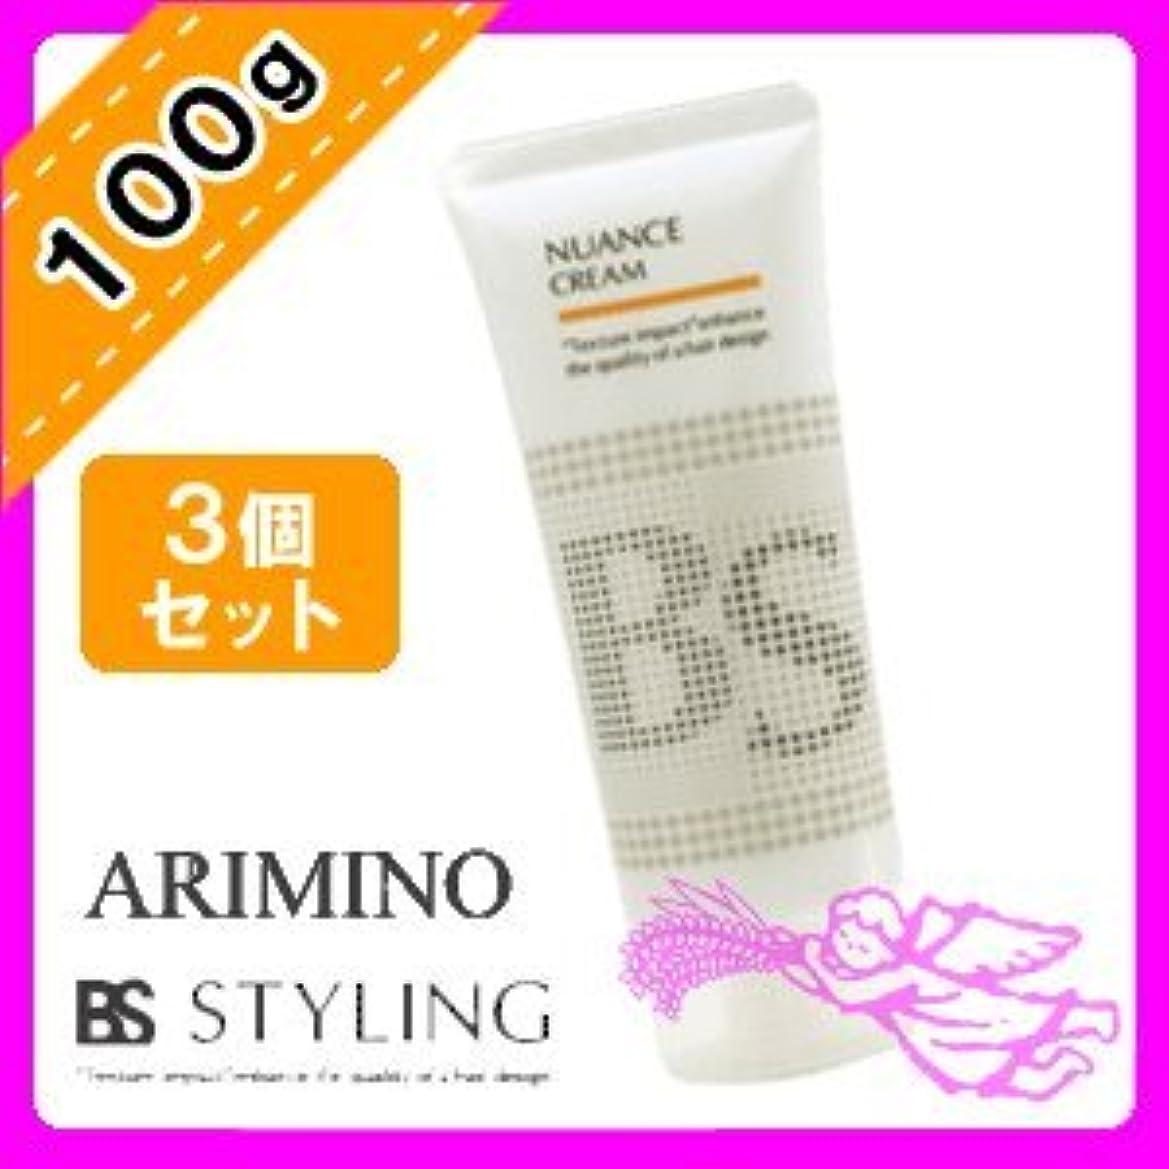 影のあるホームバイオリニストアリミノ BSスタイリング ニュアンス クリーム 100g x 3個 セット arimino BS STYLING